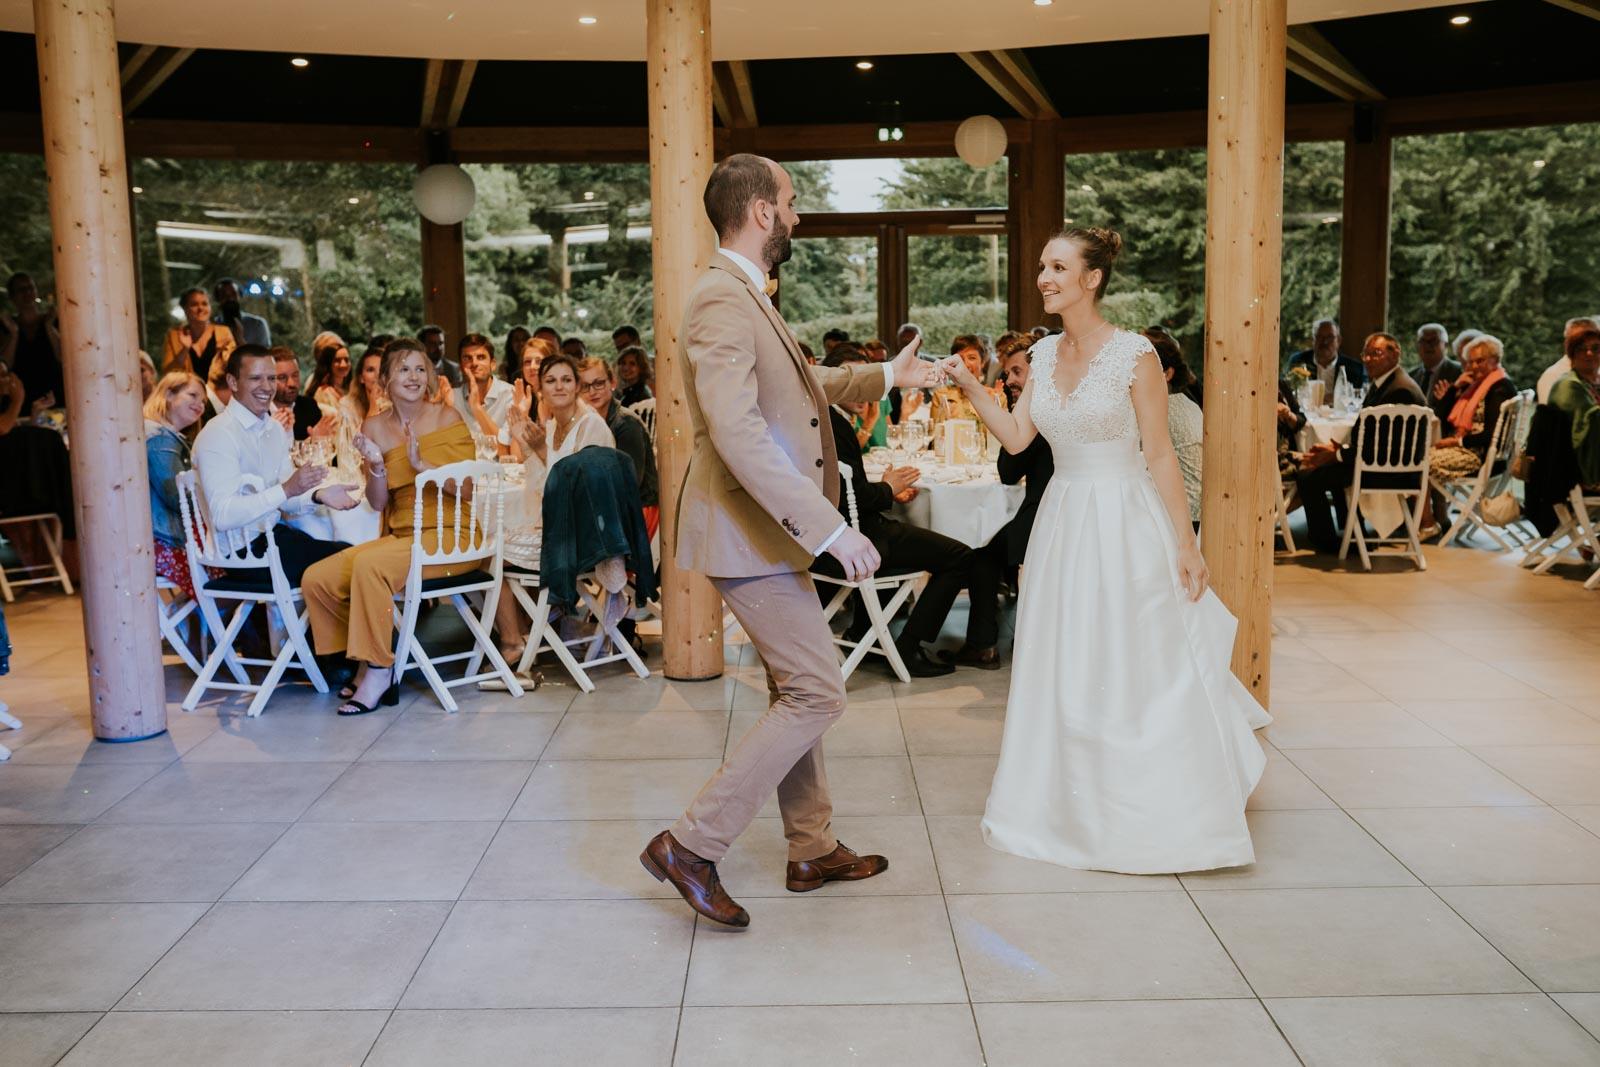 Première danse - Chateau de Morbecque…